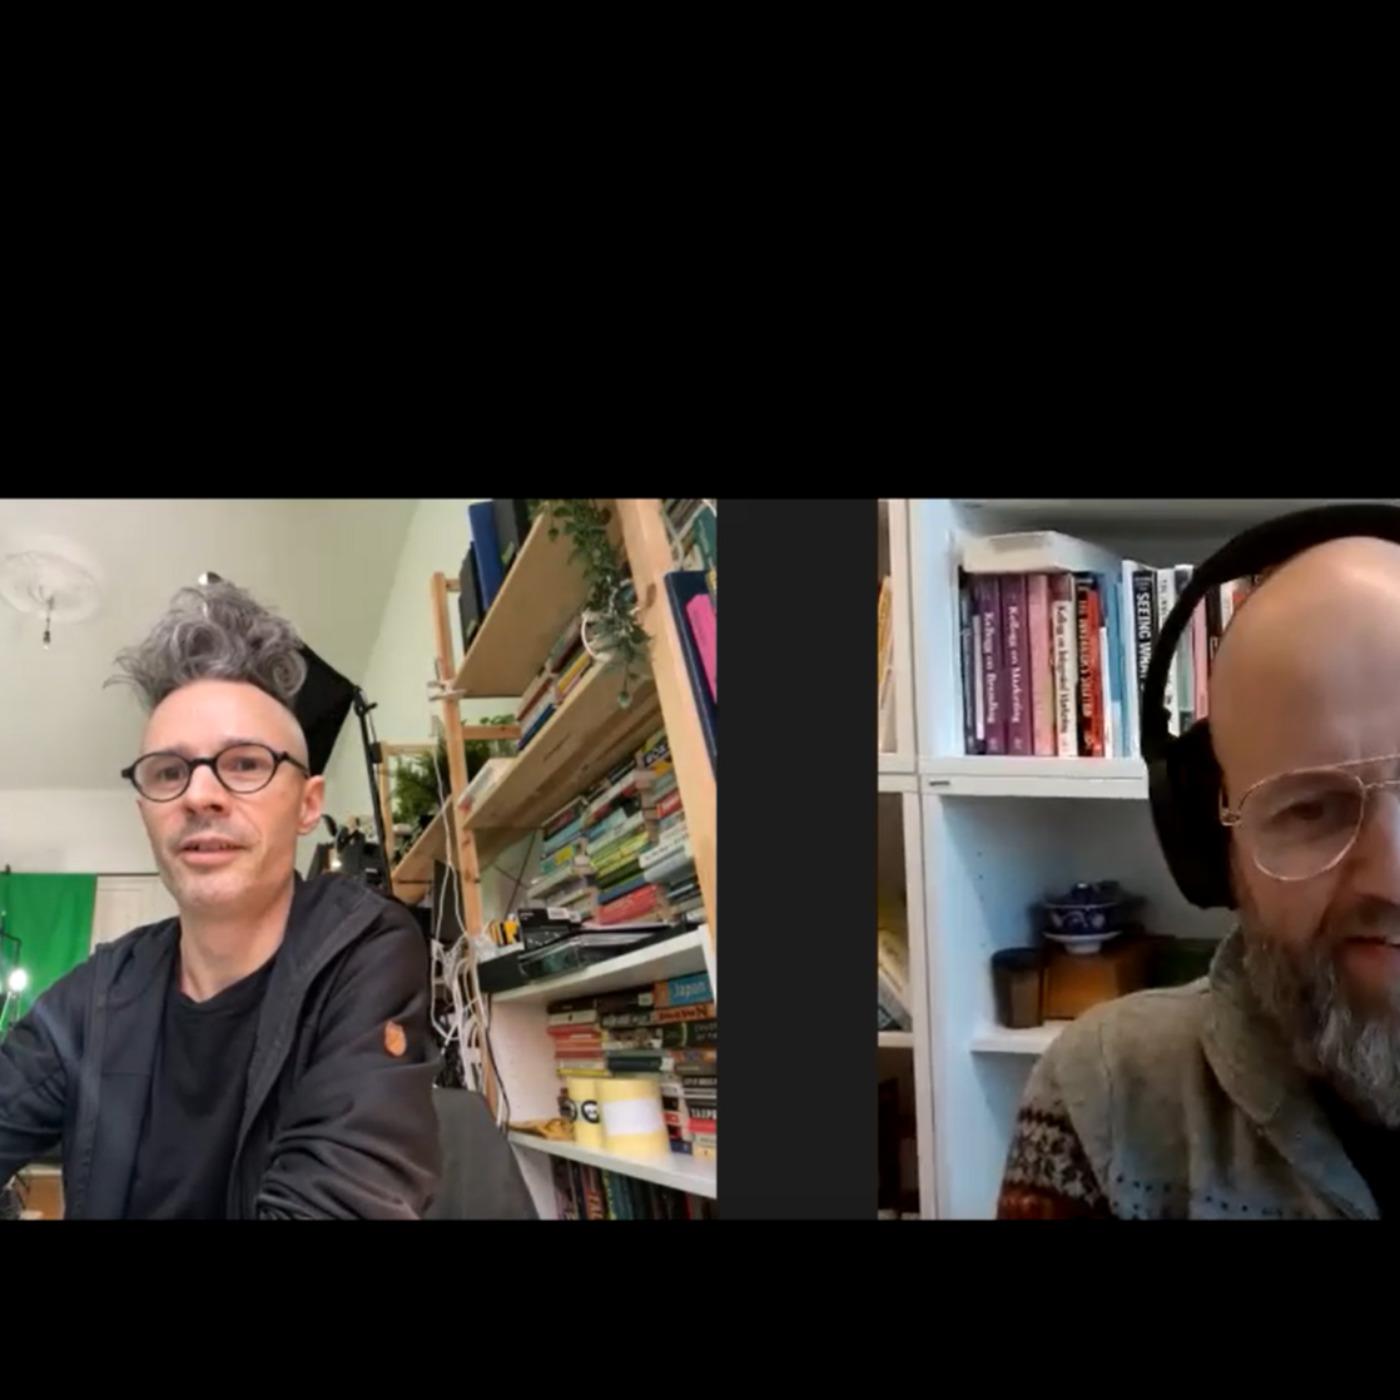 Gisle Martens Meyer om digitalisering av musikkbransjen